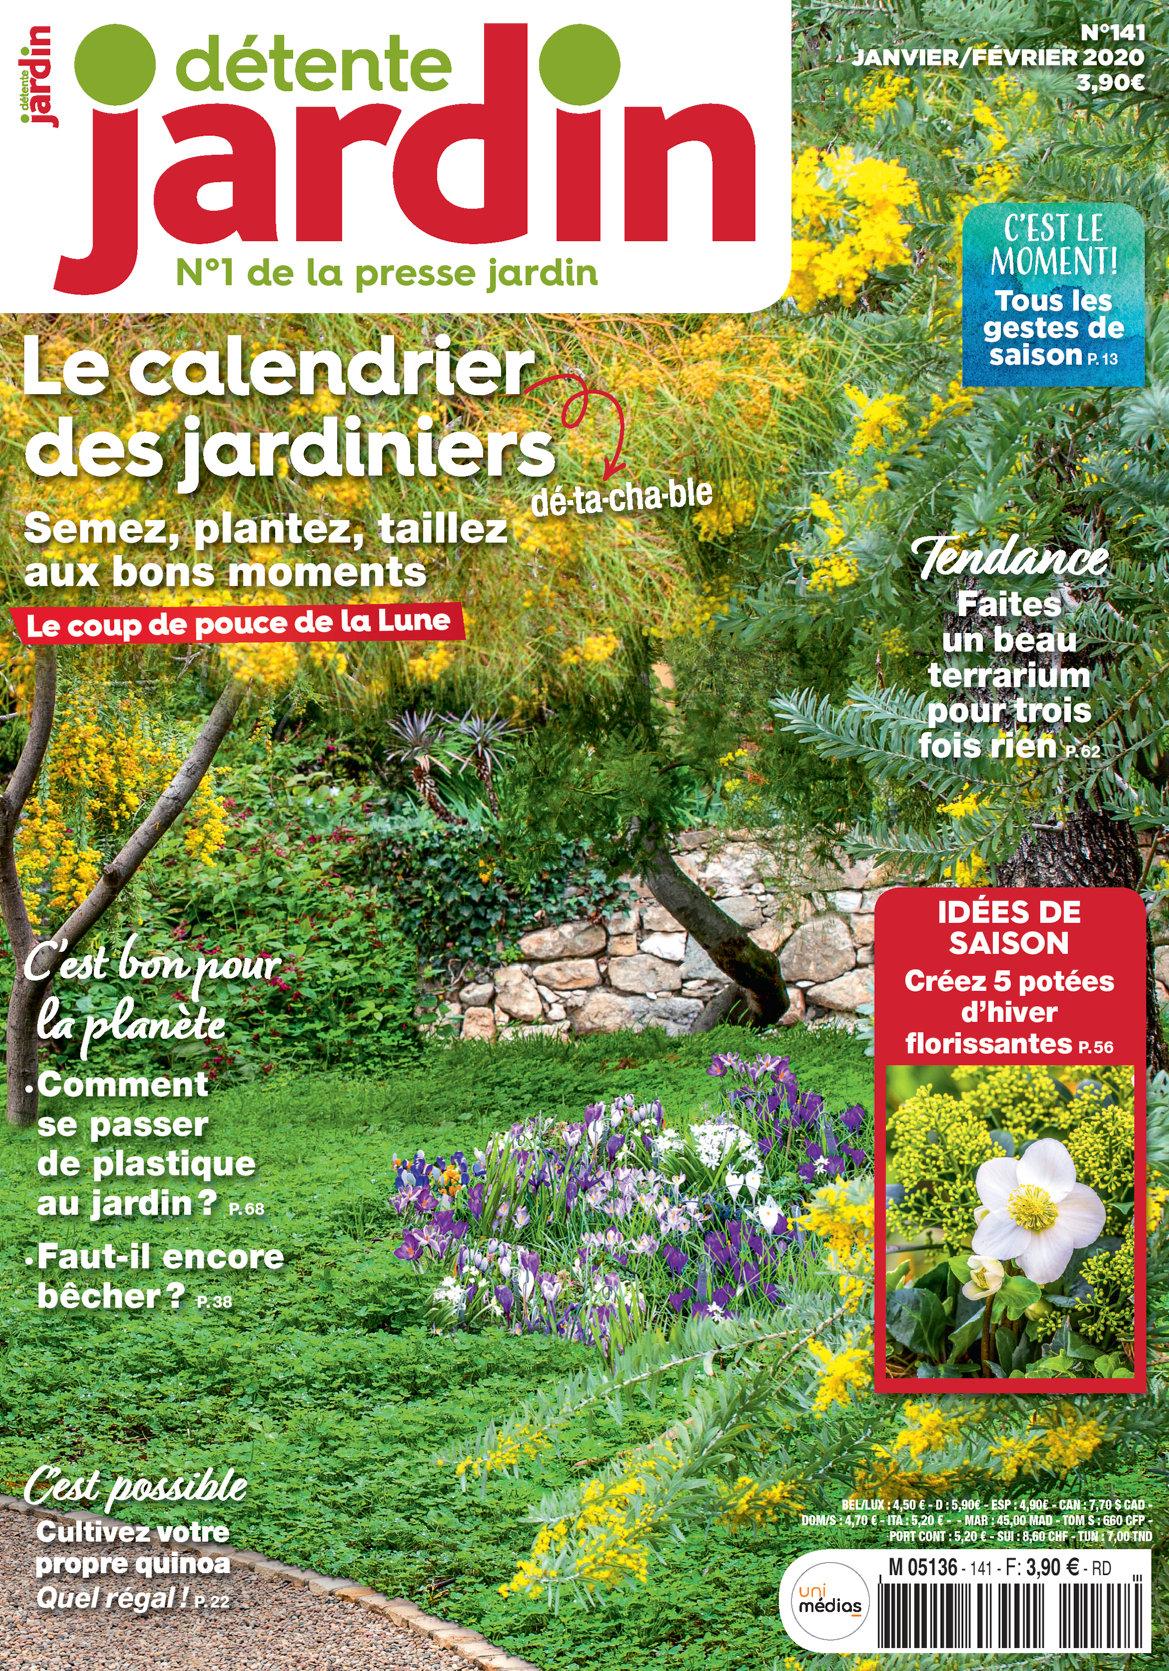 Détente Jardin N° 141 concernant Abonnement Détente Jardin